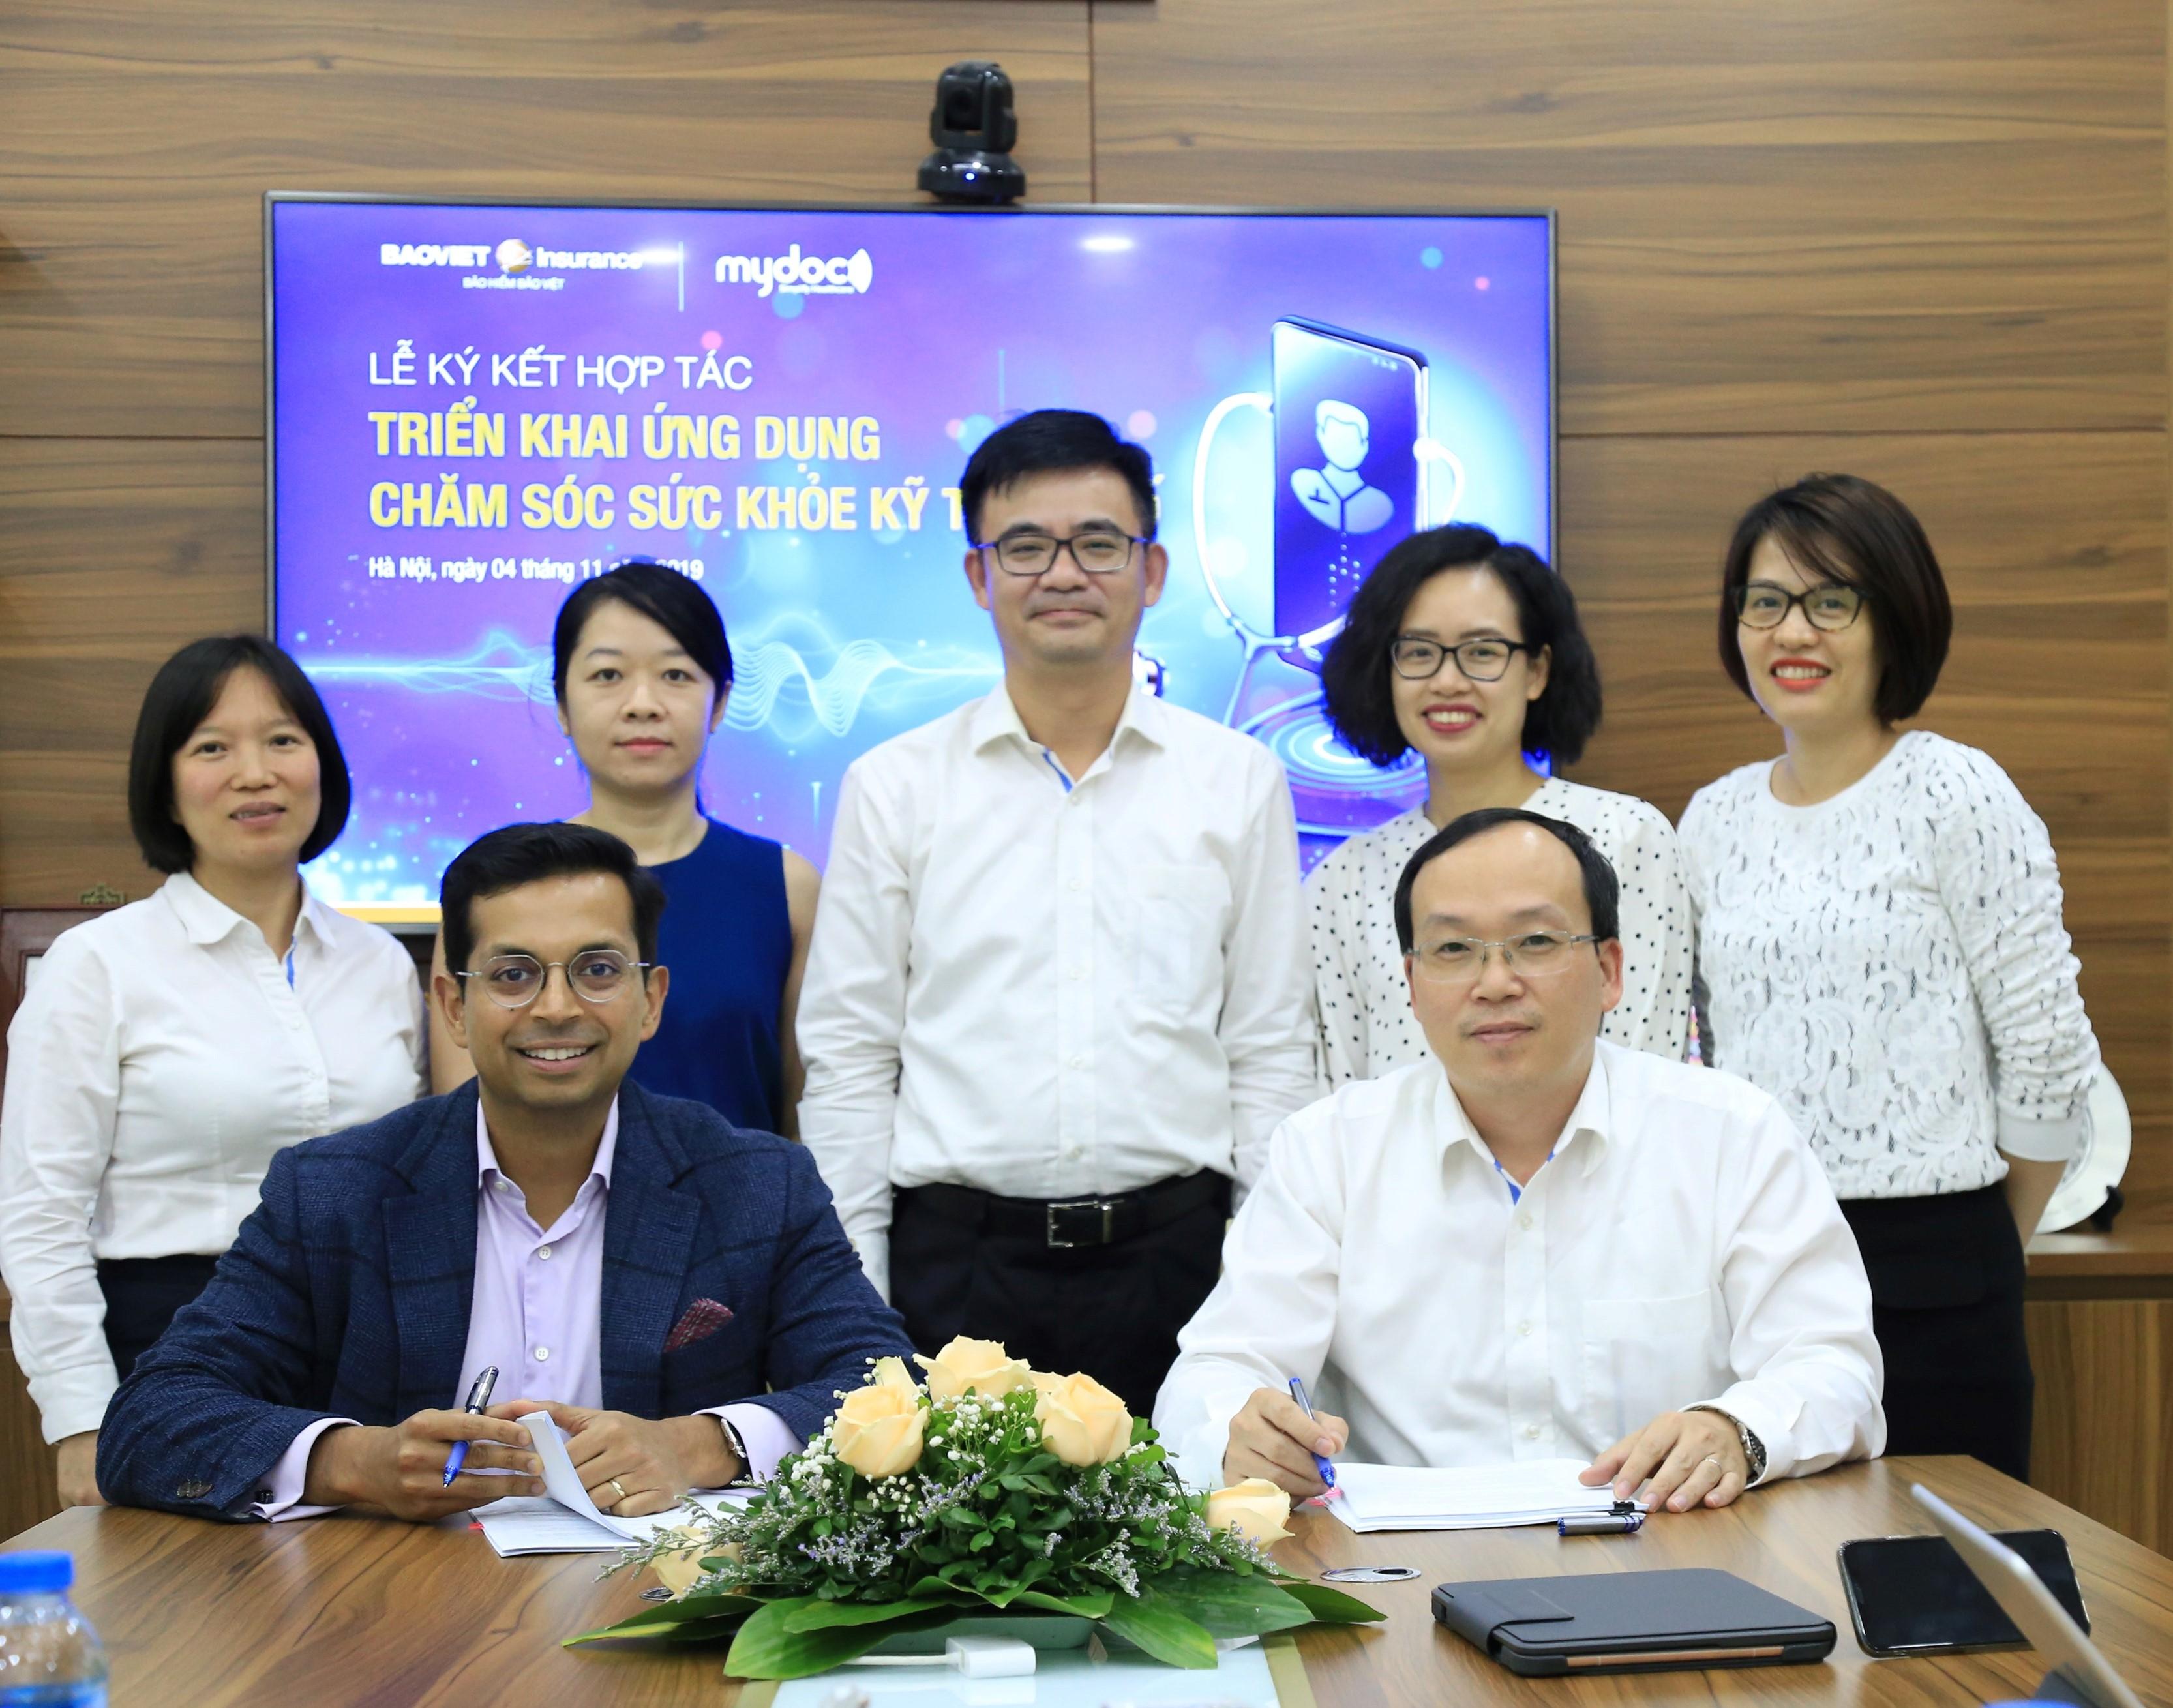 Tổng Công ty Bảo hiểm Bảo Việt chính thức ký kết hợp tác cùng MyDoc.